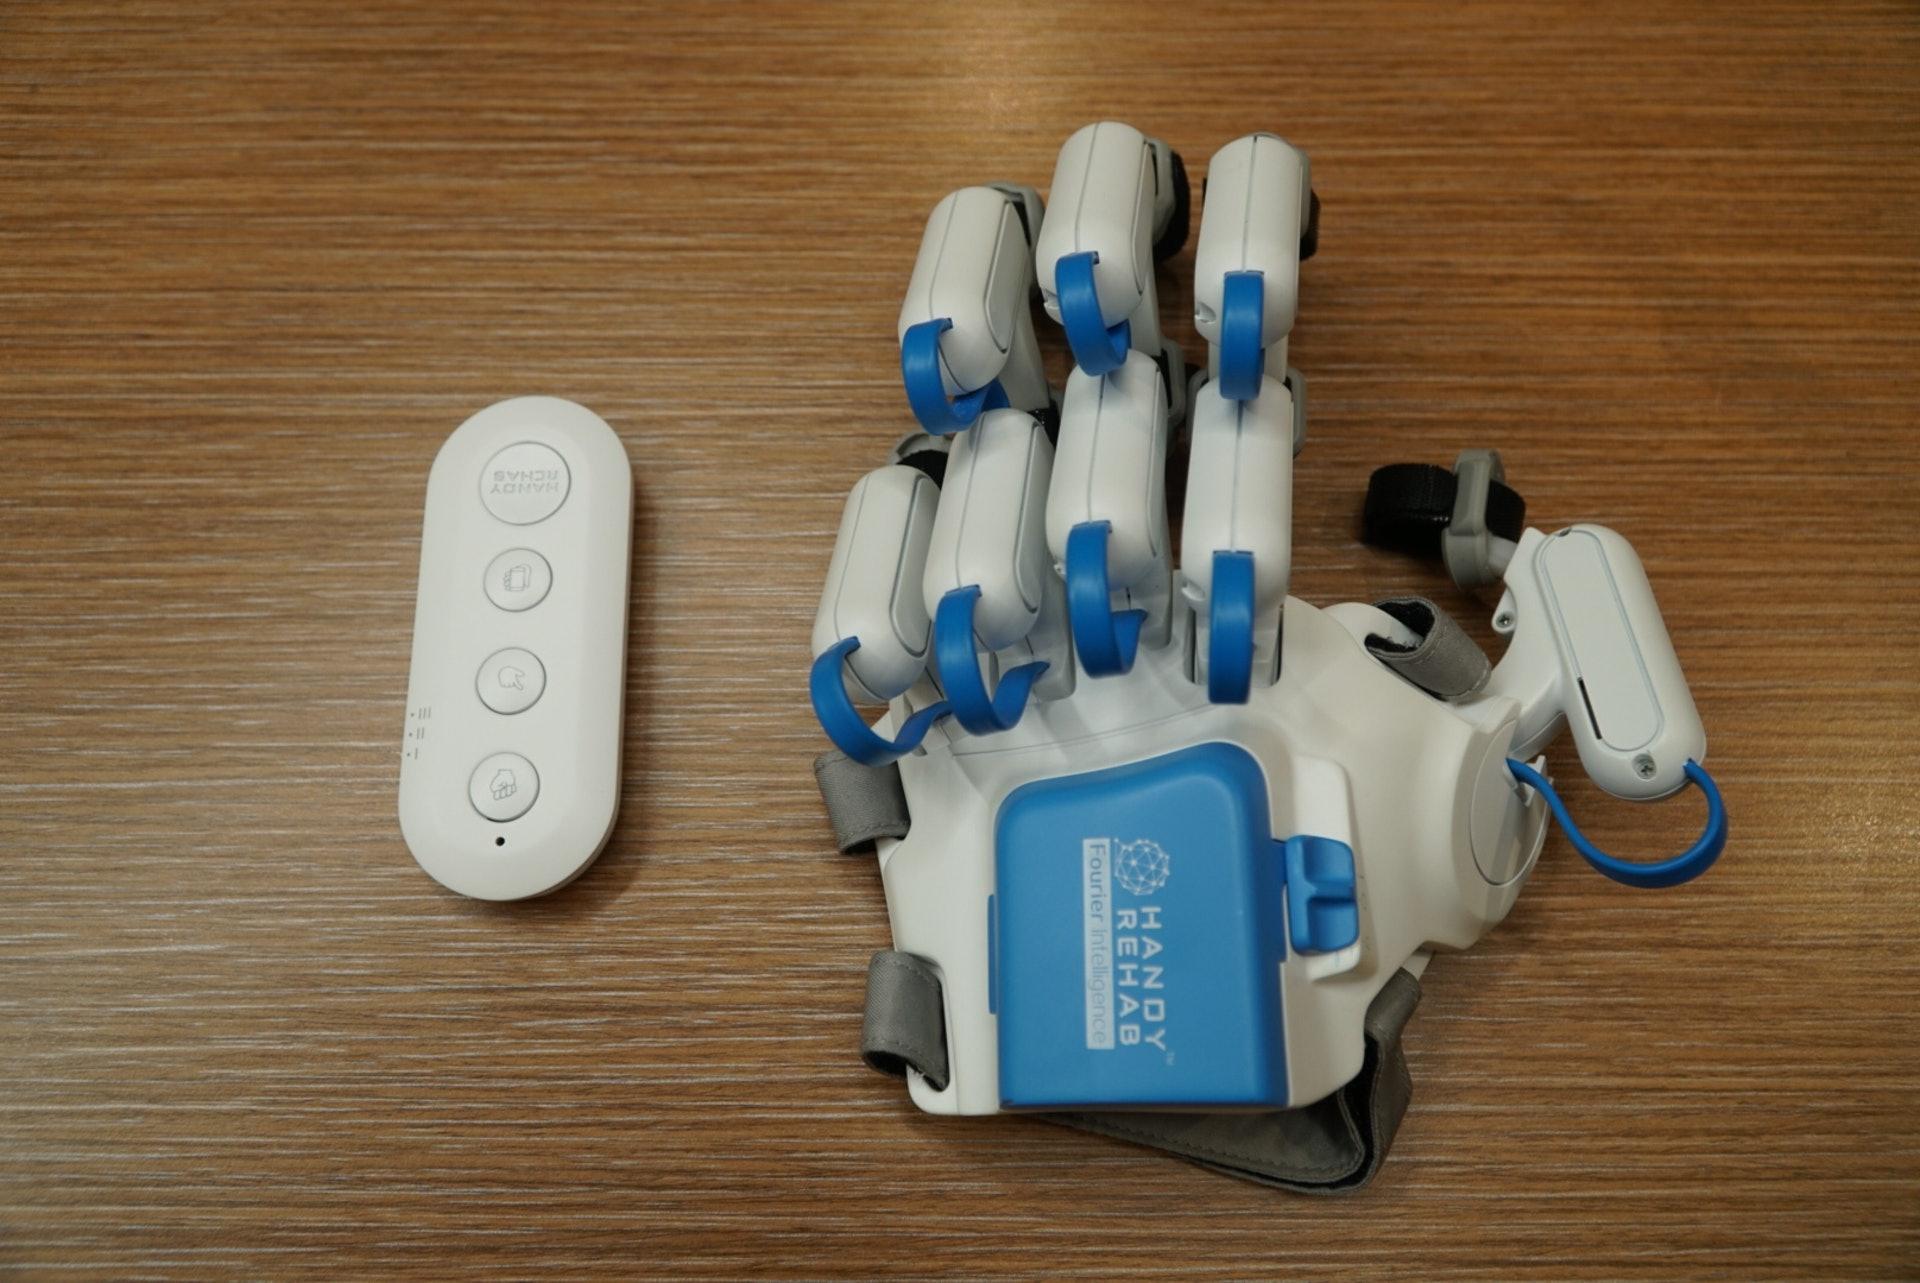 家用復康機械手則以簡化原型為基礎,研發更簡易使用、較輕便及能負擔的復康機械手,讓使用者在家中便能輕易使用。(曾鳳婷攝)